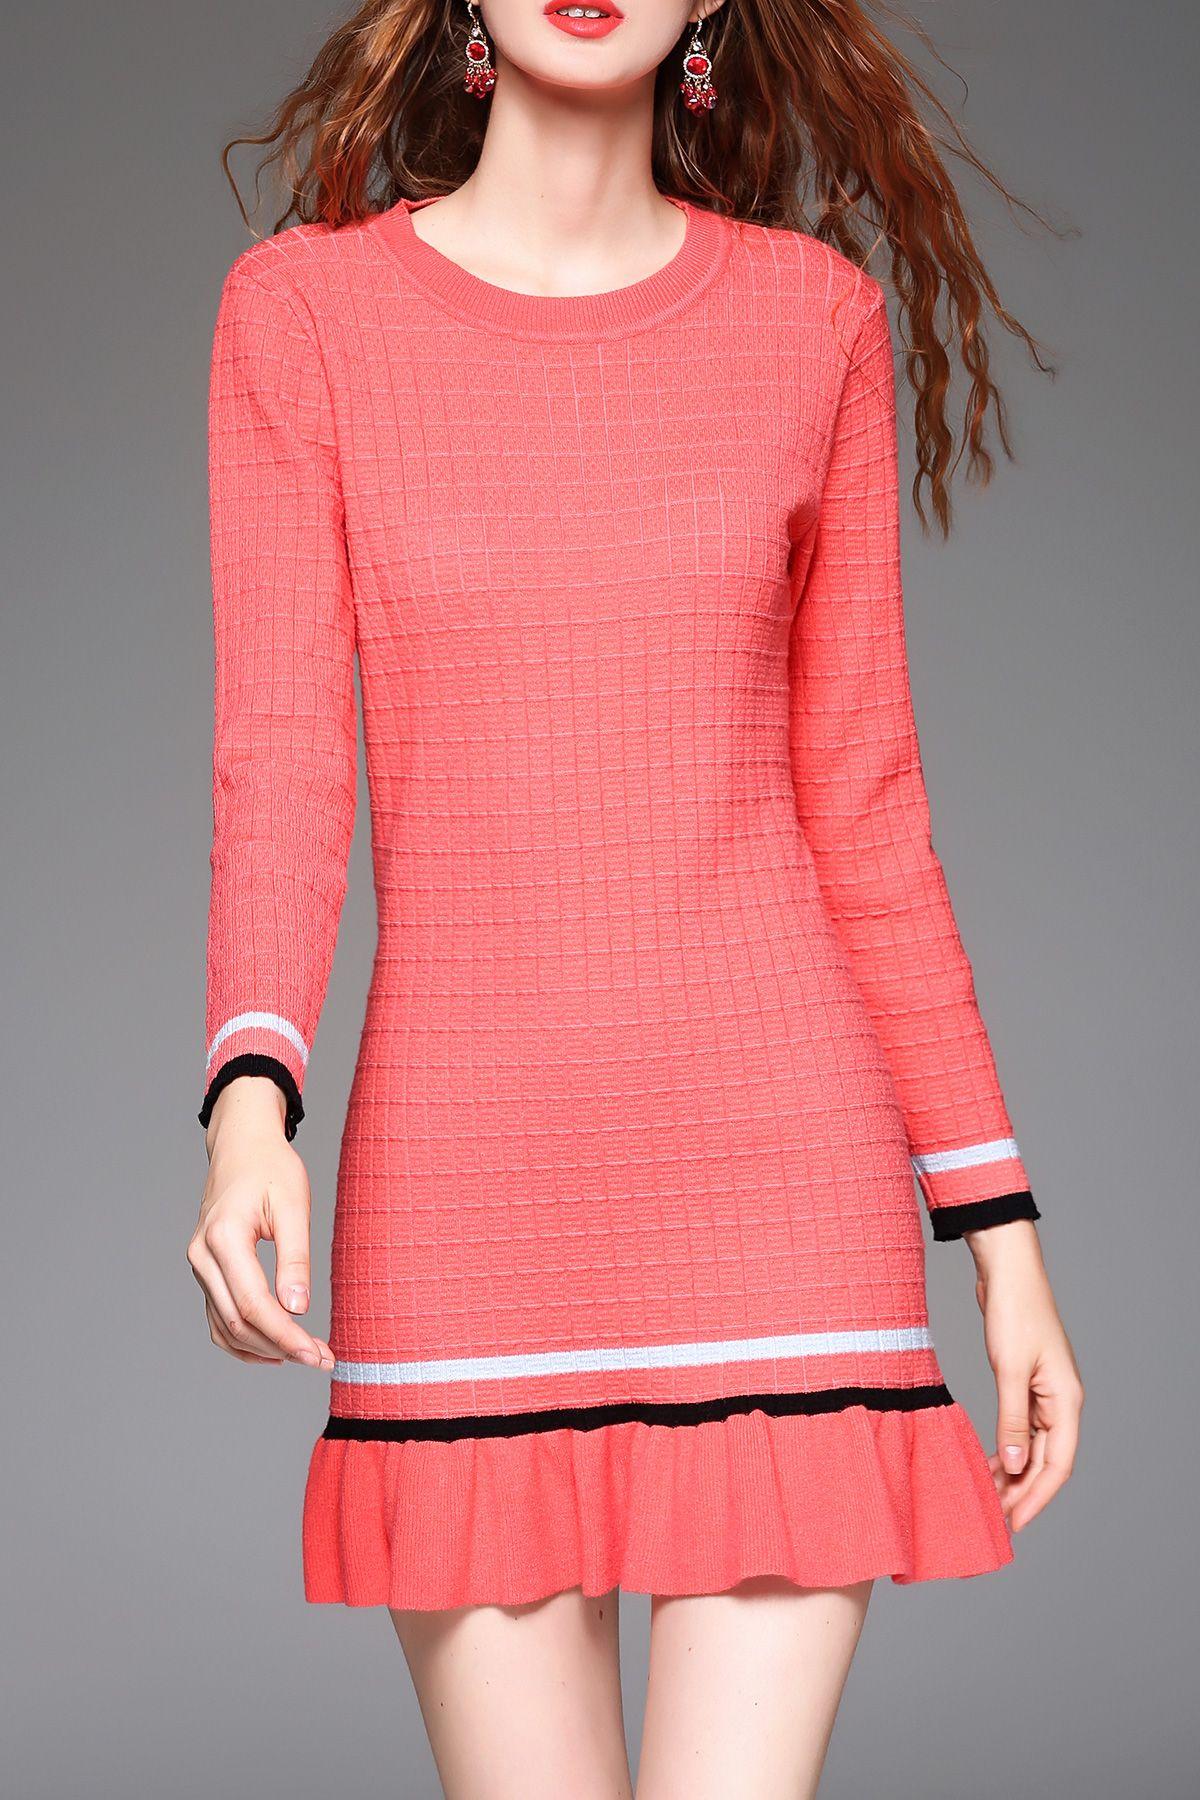 f949e2cf7 Blueoxy rosa del volante de las colmenas de la envoltura del vestido del  suéter